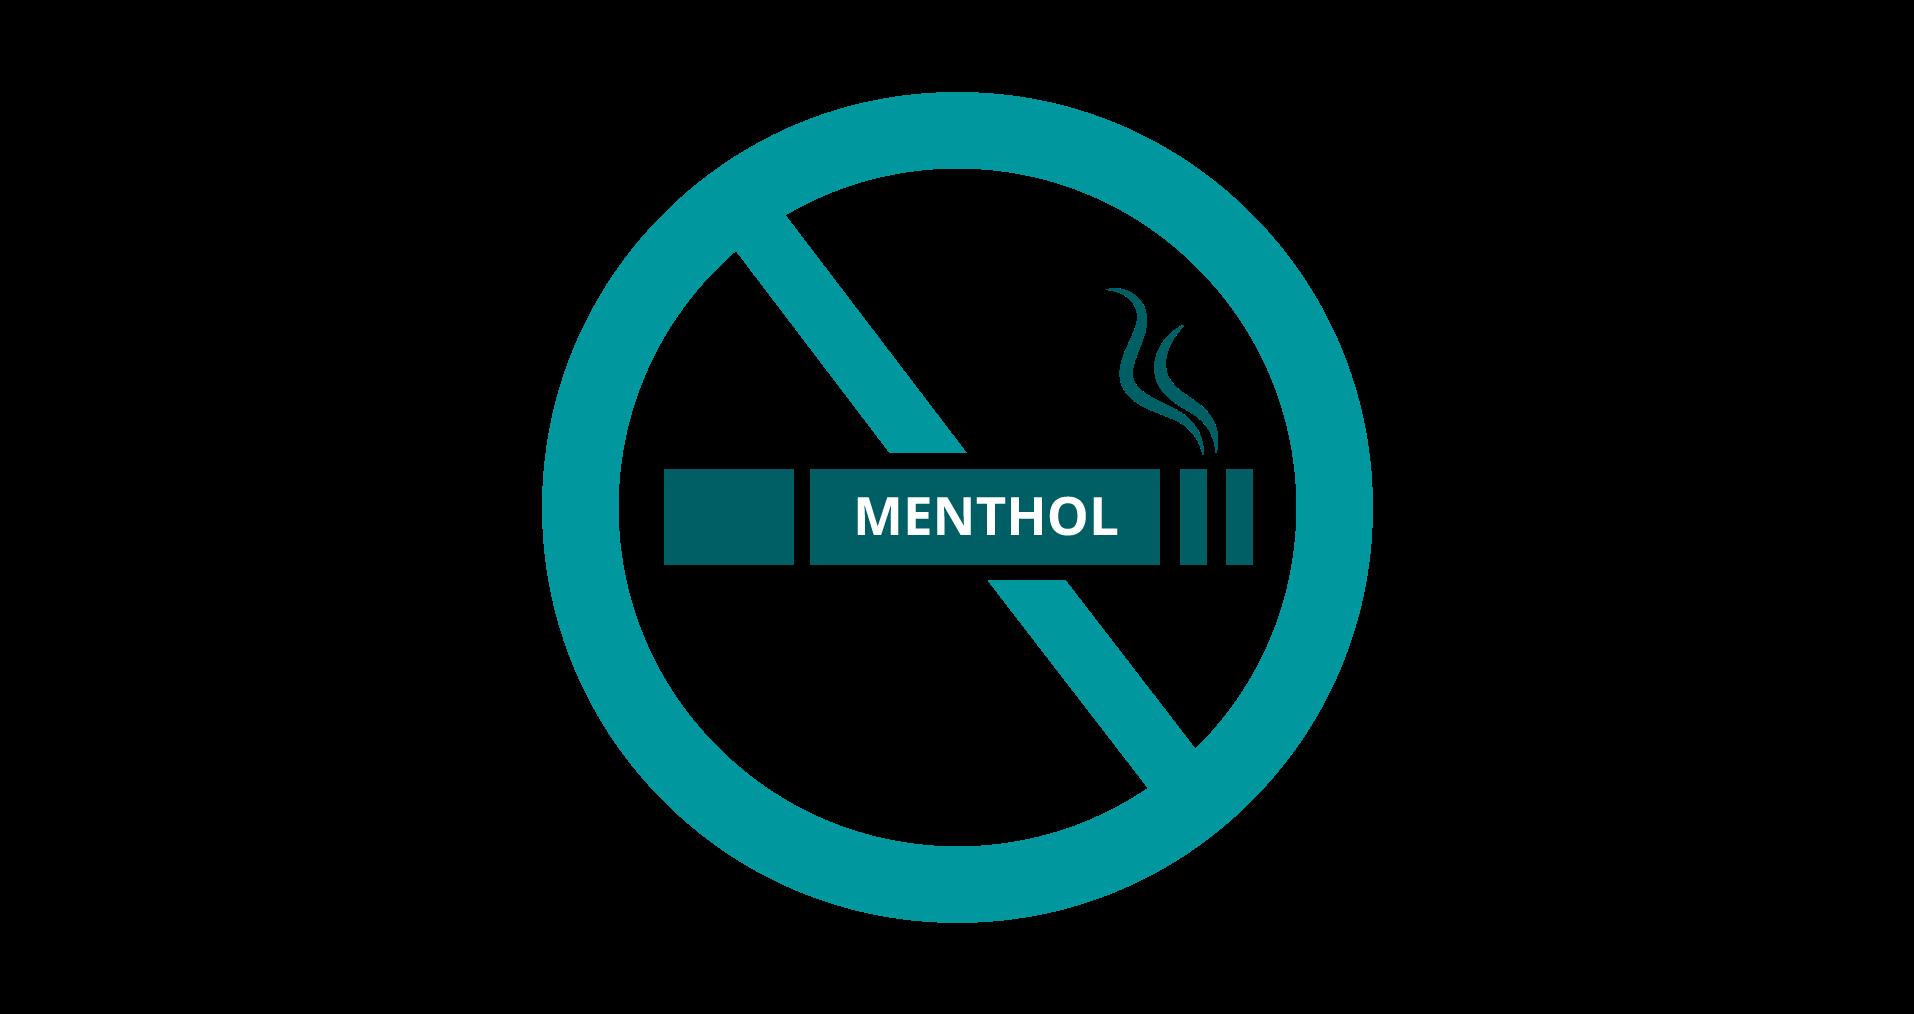 Menthol-cigarette-ban-icon